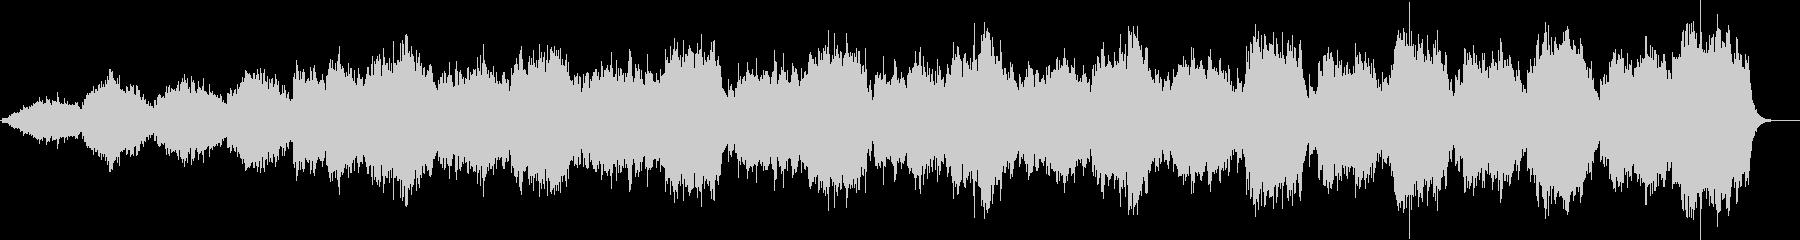 代替案 ポップ エレクトロ 交響曲...の未再生の波形